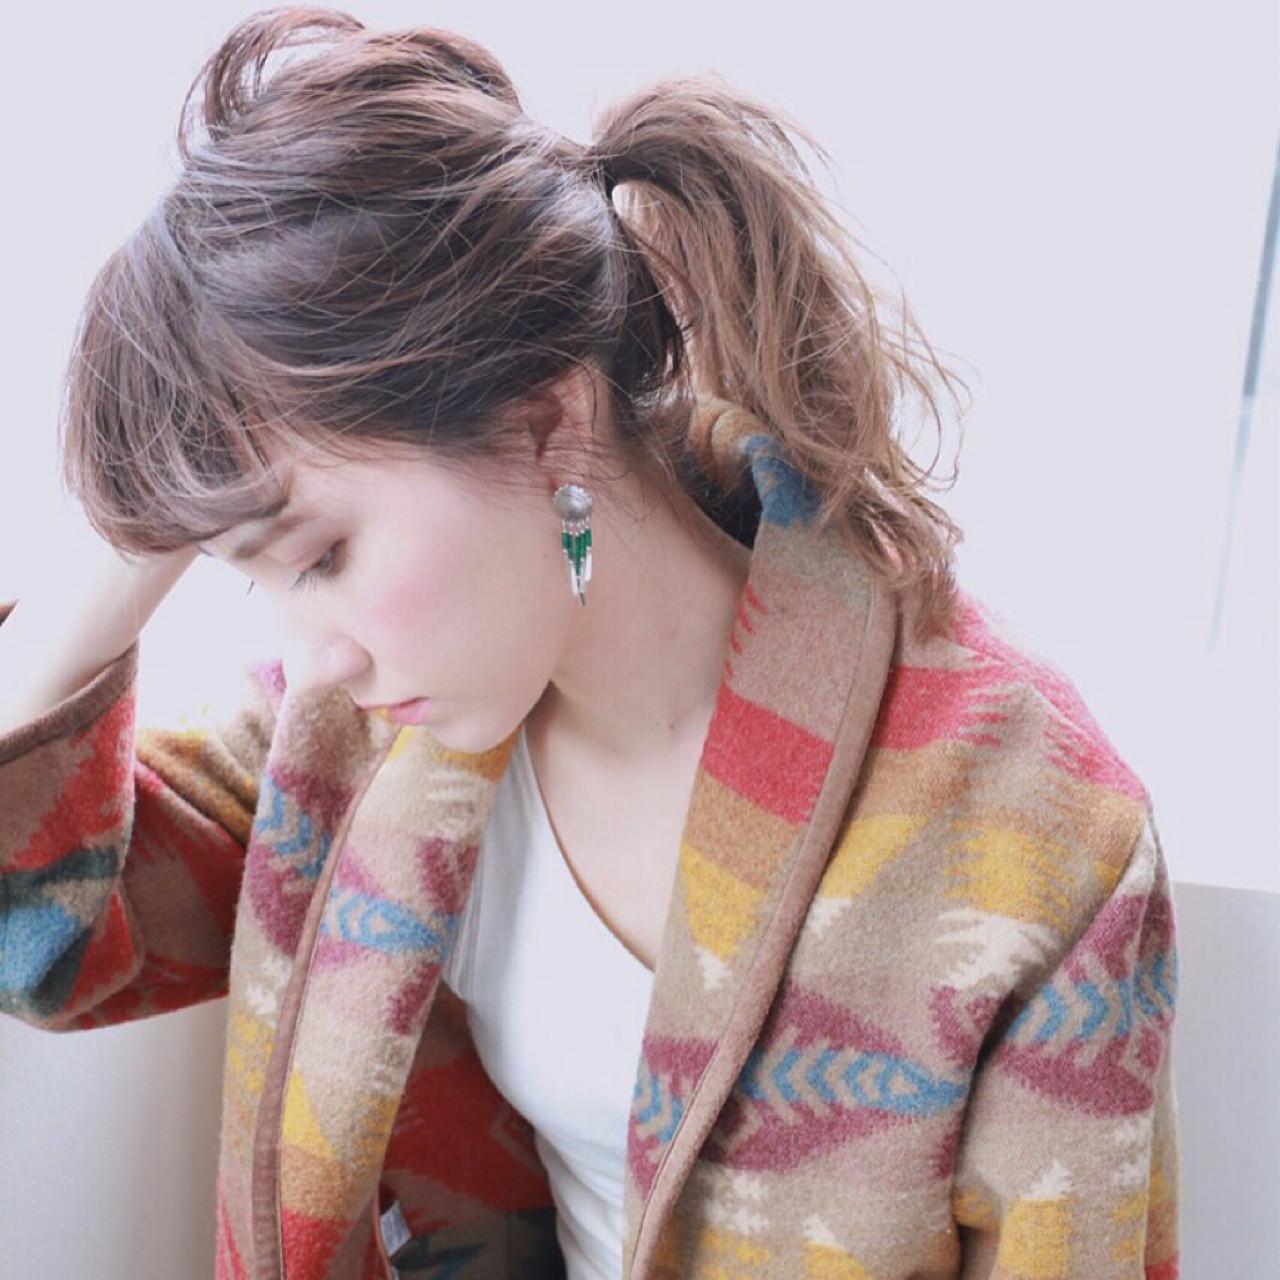 ミディアム 簡単ヘアアレンジ 大人かわいい ヘアアレンジ ヘアスタイルや髪型の写真・画像 | 高橋 忍 / nanuk渋谷店(ナヌーク)